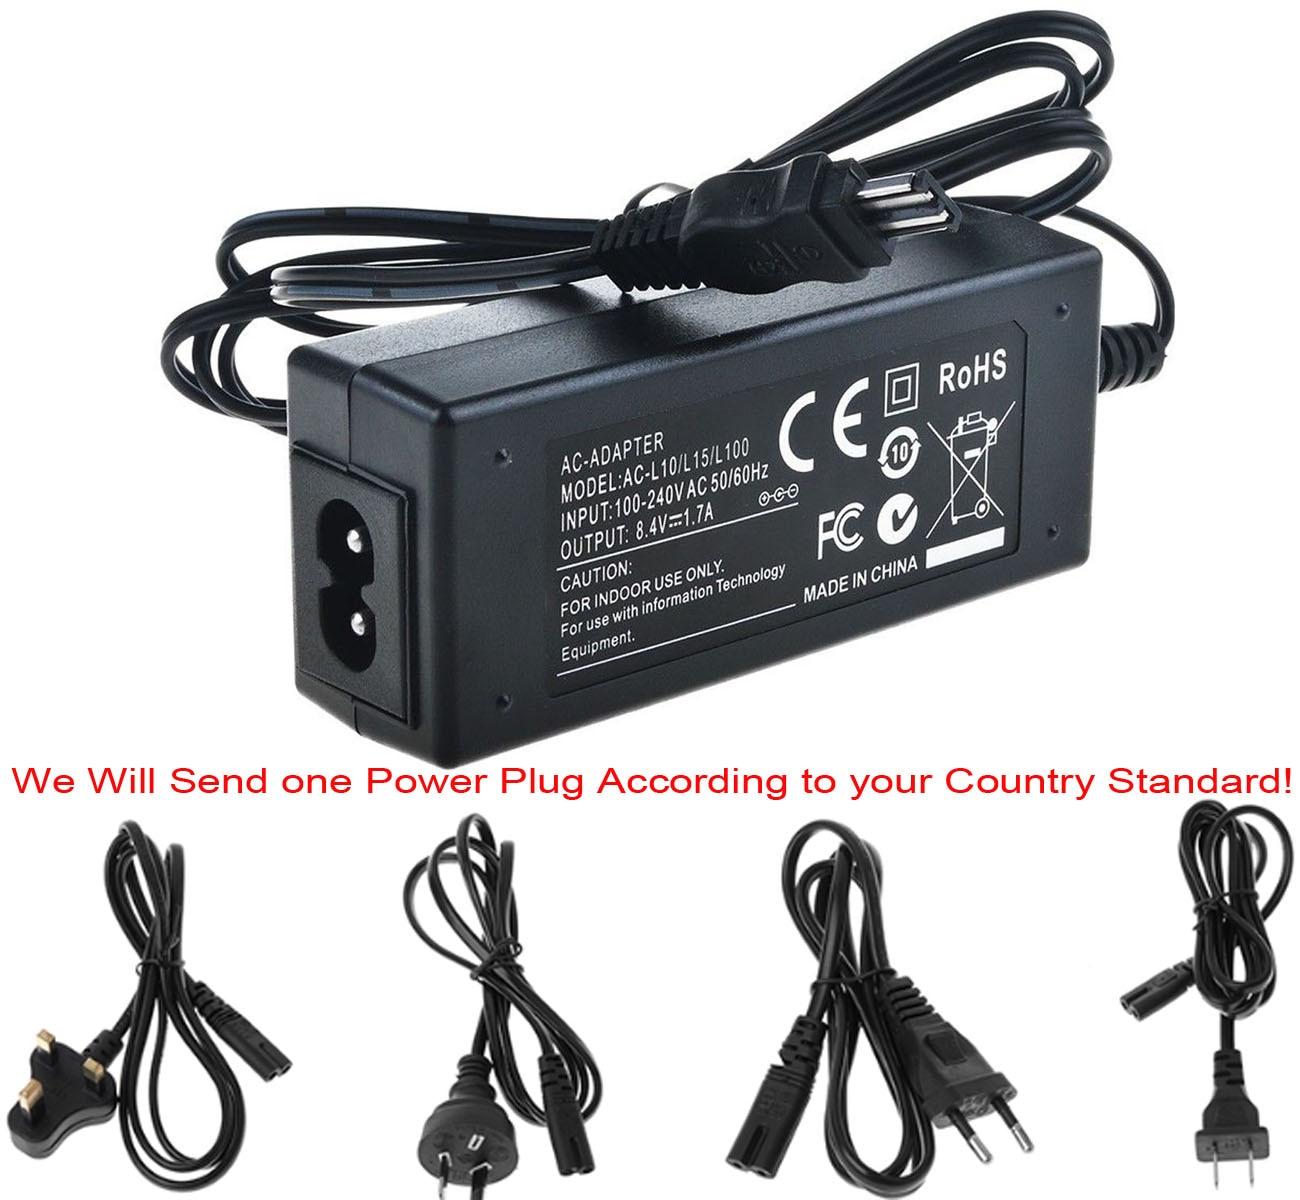 Cargador de adaptador de corriente alterna para Sony HVR-A1, HVR-A1E, HVR-HD1000, HVR-HD1000E,...